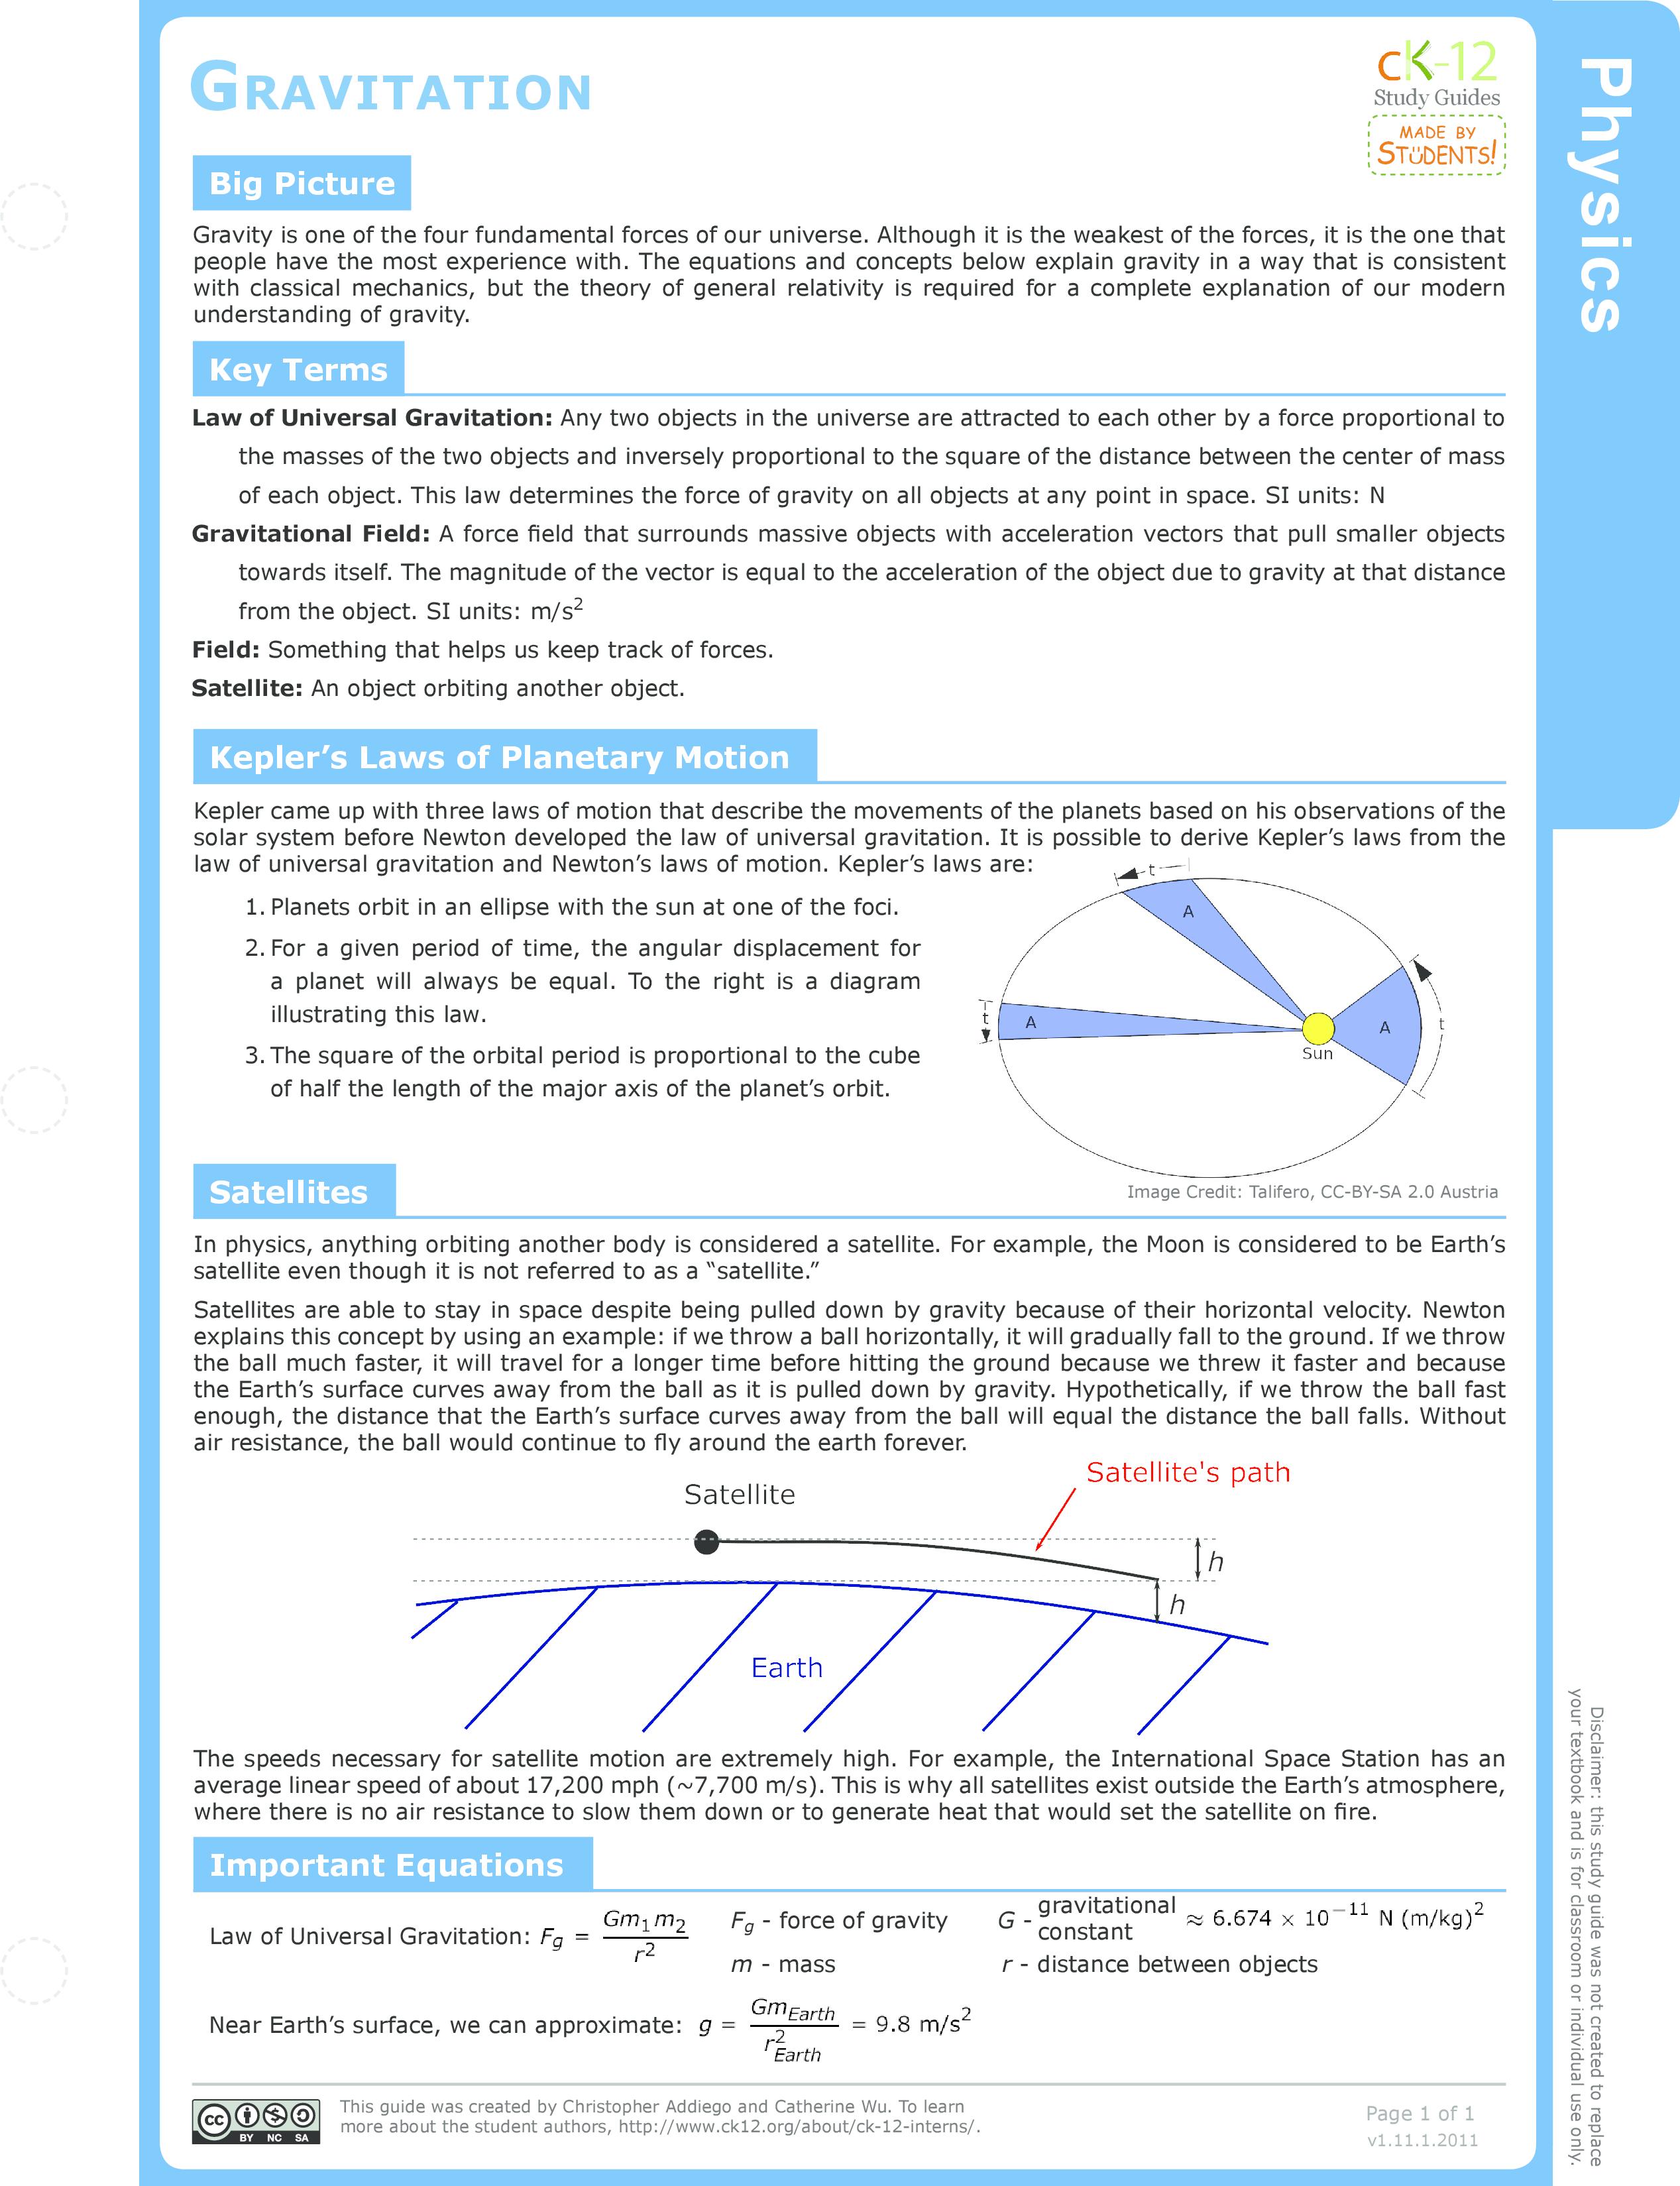 mkg 408 study guide